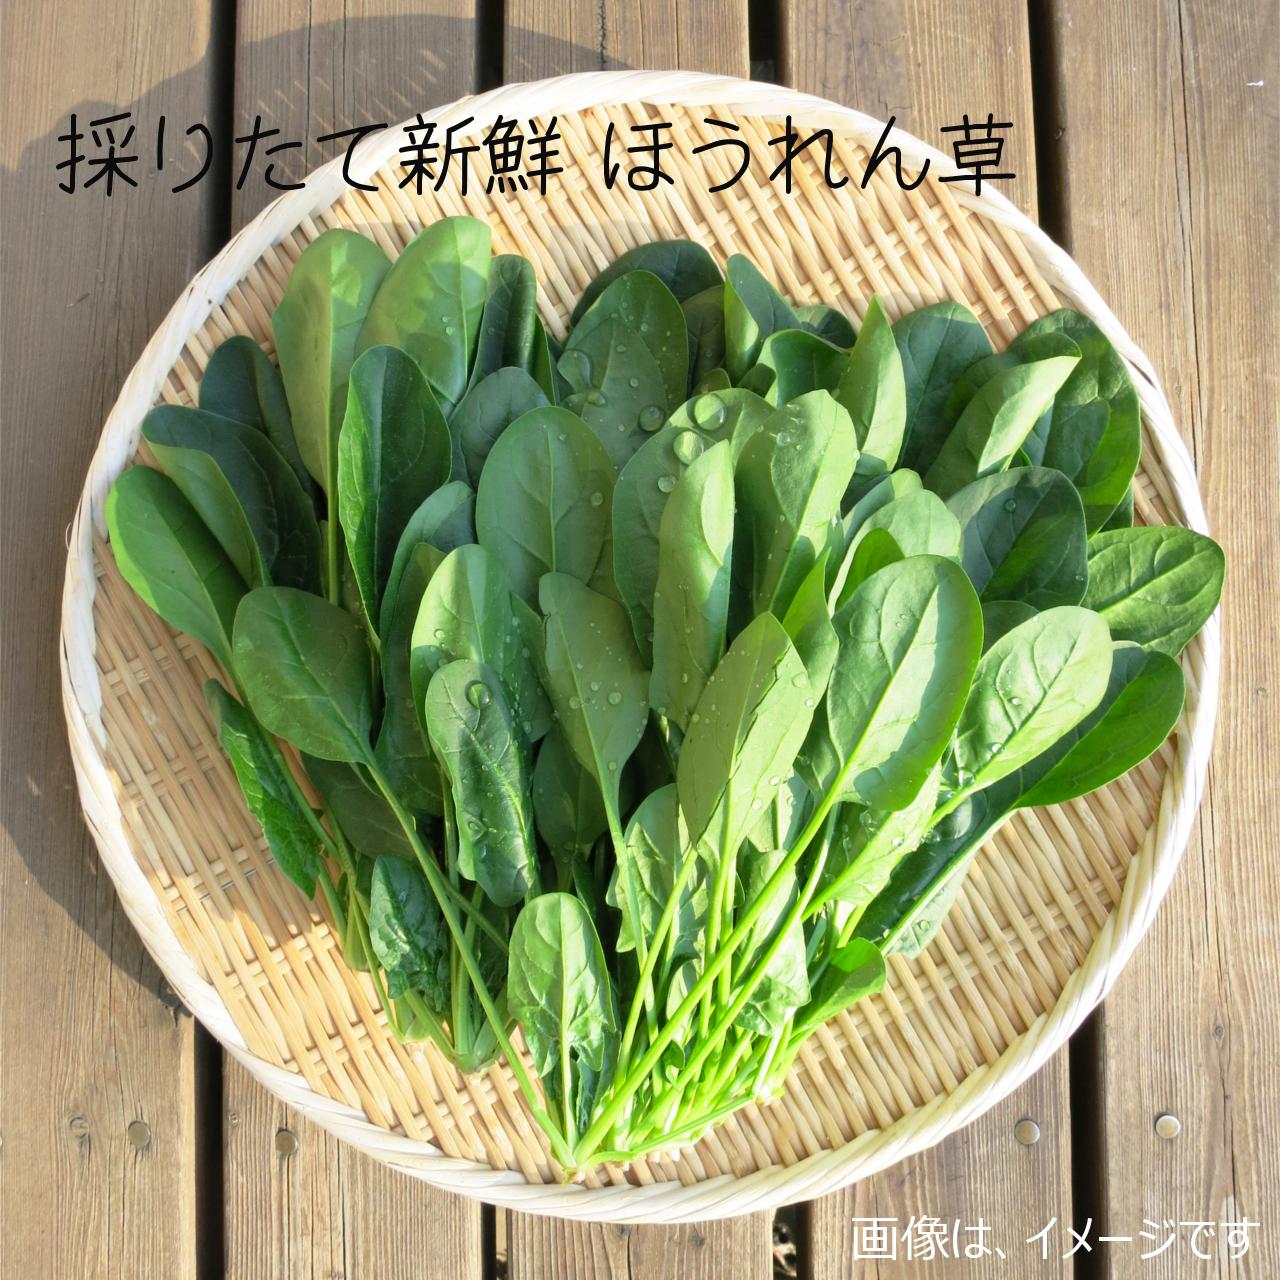 9月の朝採り直売野菜 : ホウレンソウ 約400g 新鮮な秋野菜 9月12日発送予定